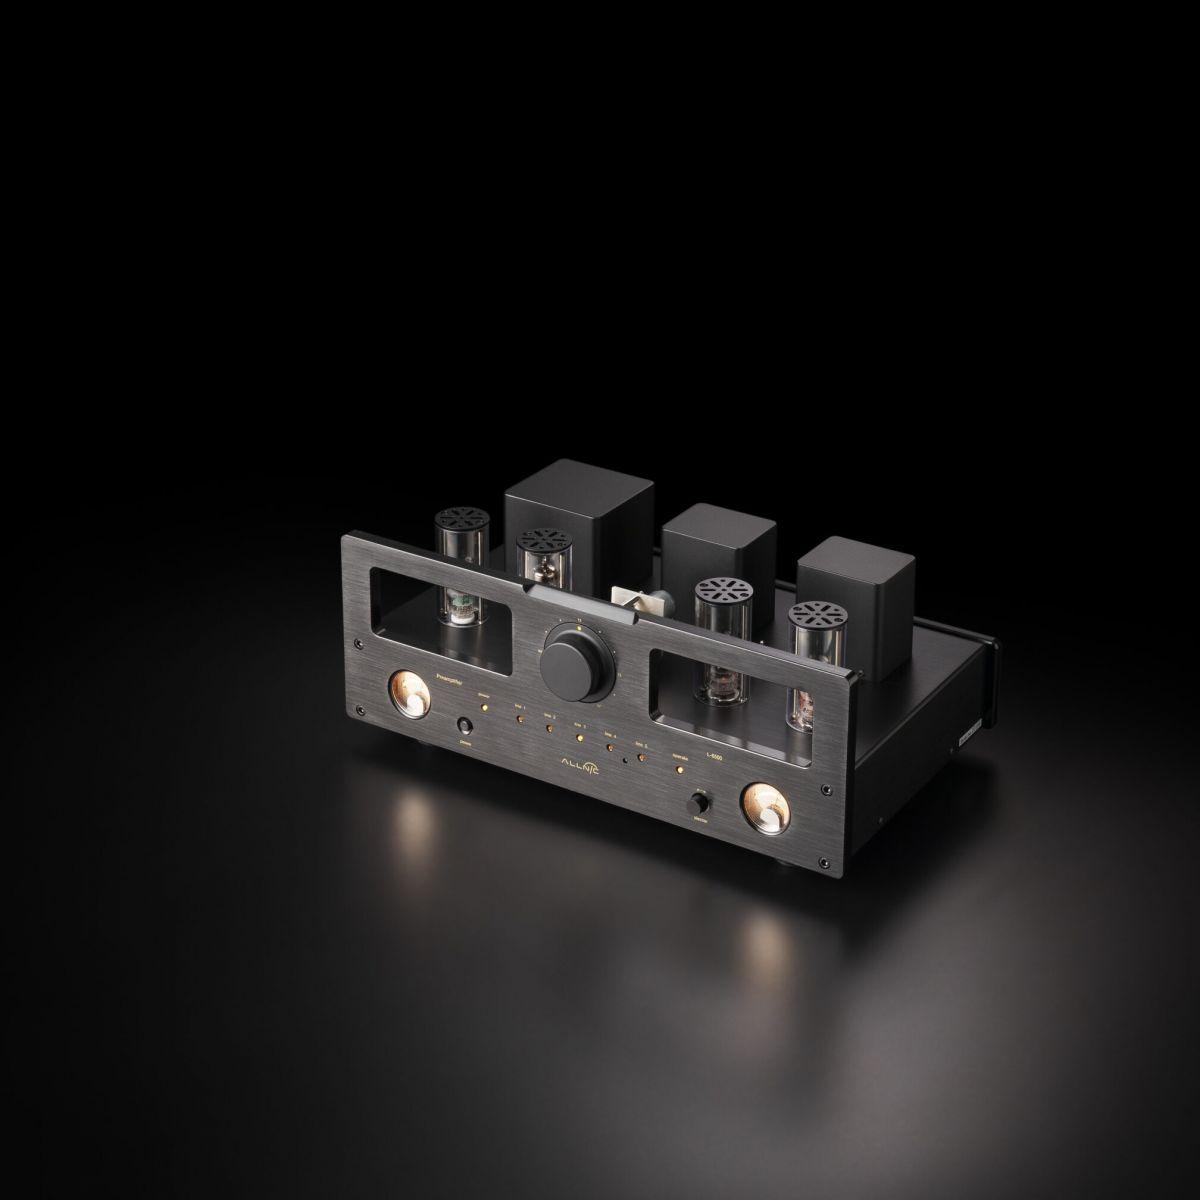 Allnic L-6500